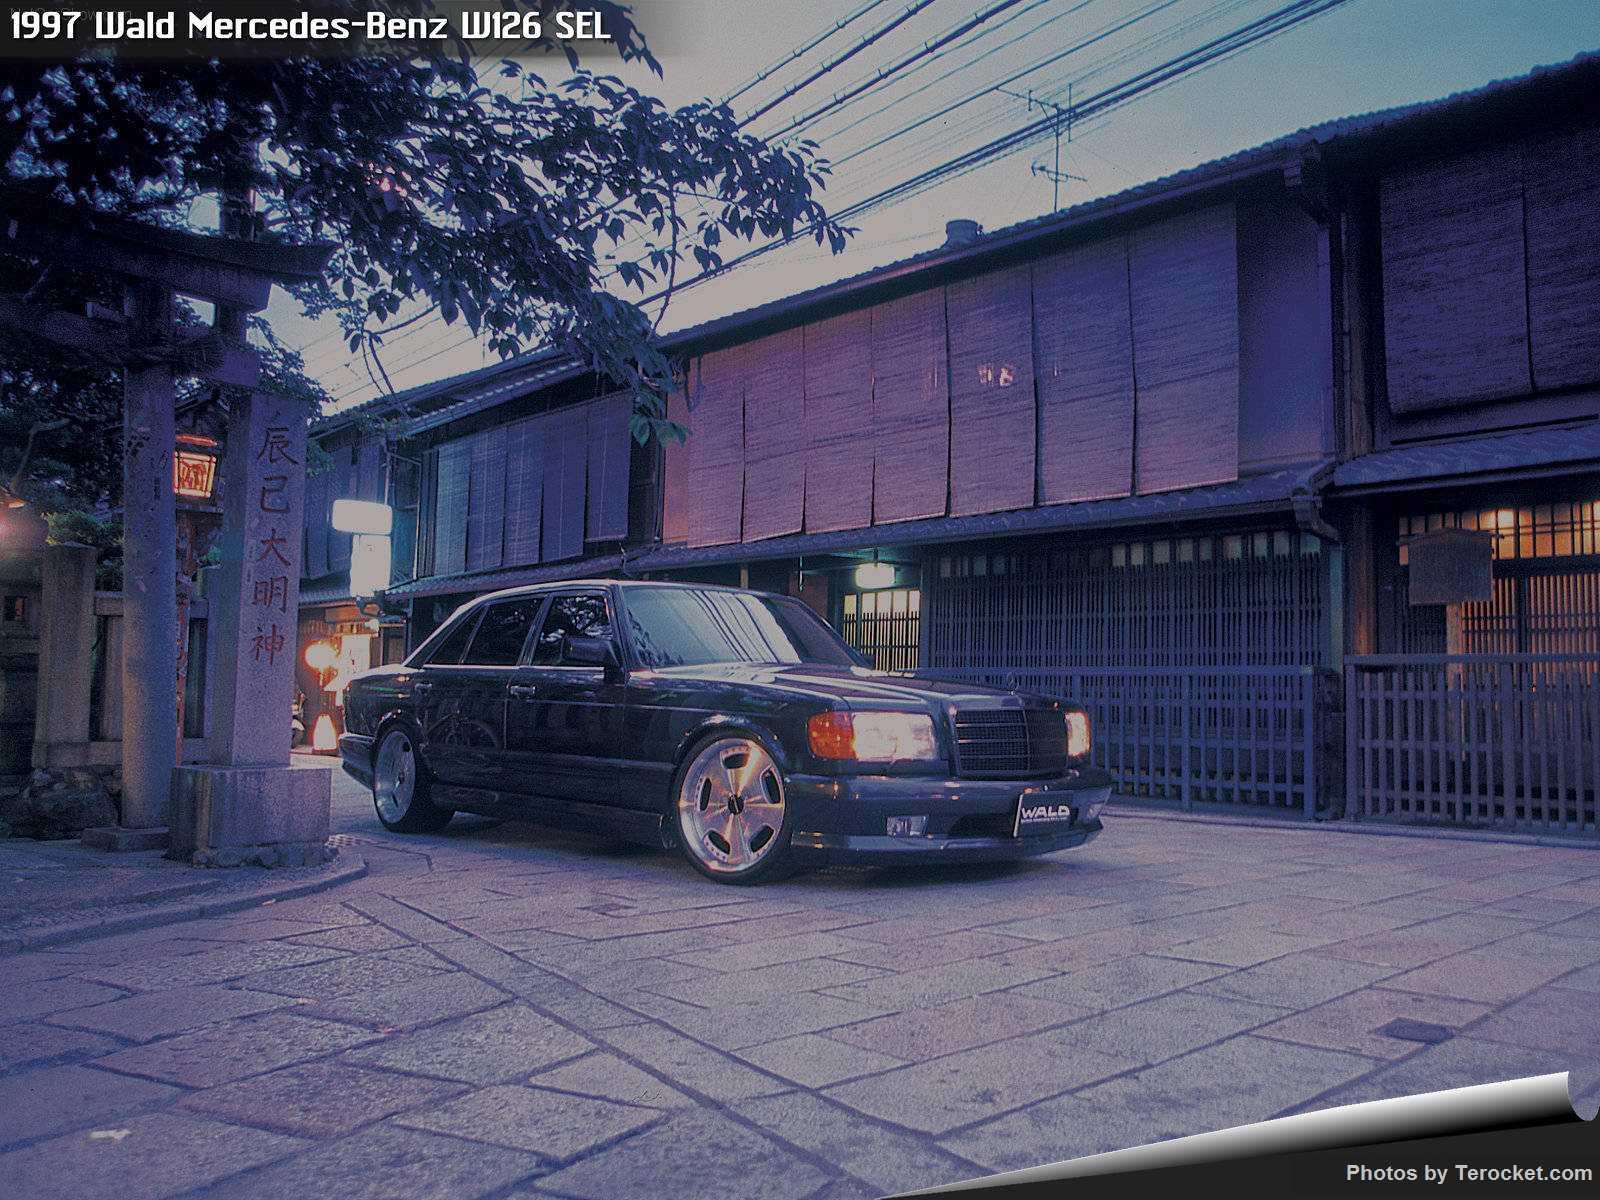 Hình ảnh xe độ Wald Mercedes-Benz W126 SEL 1997 & nội ngoại thất